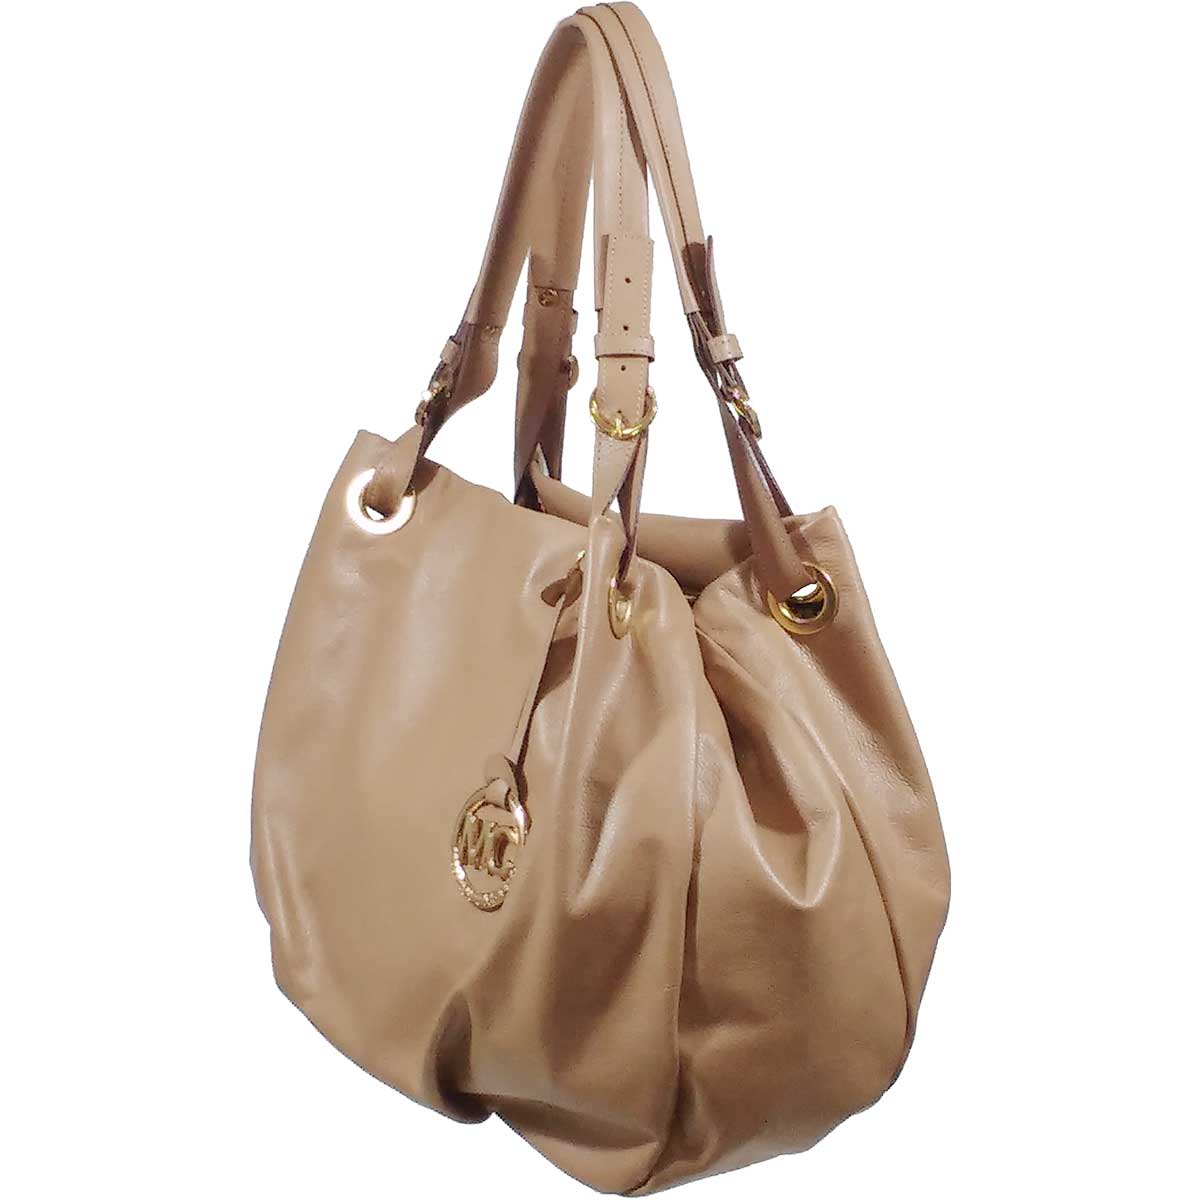 Bolsa De Couro Legitimo Artesanal : Bolsa feminina tipo saco couro leg?timo com al?a tira colo